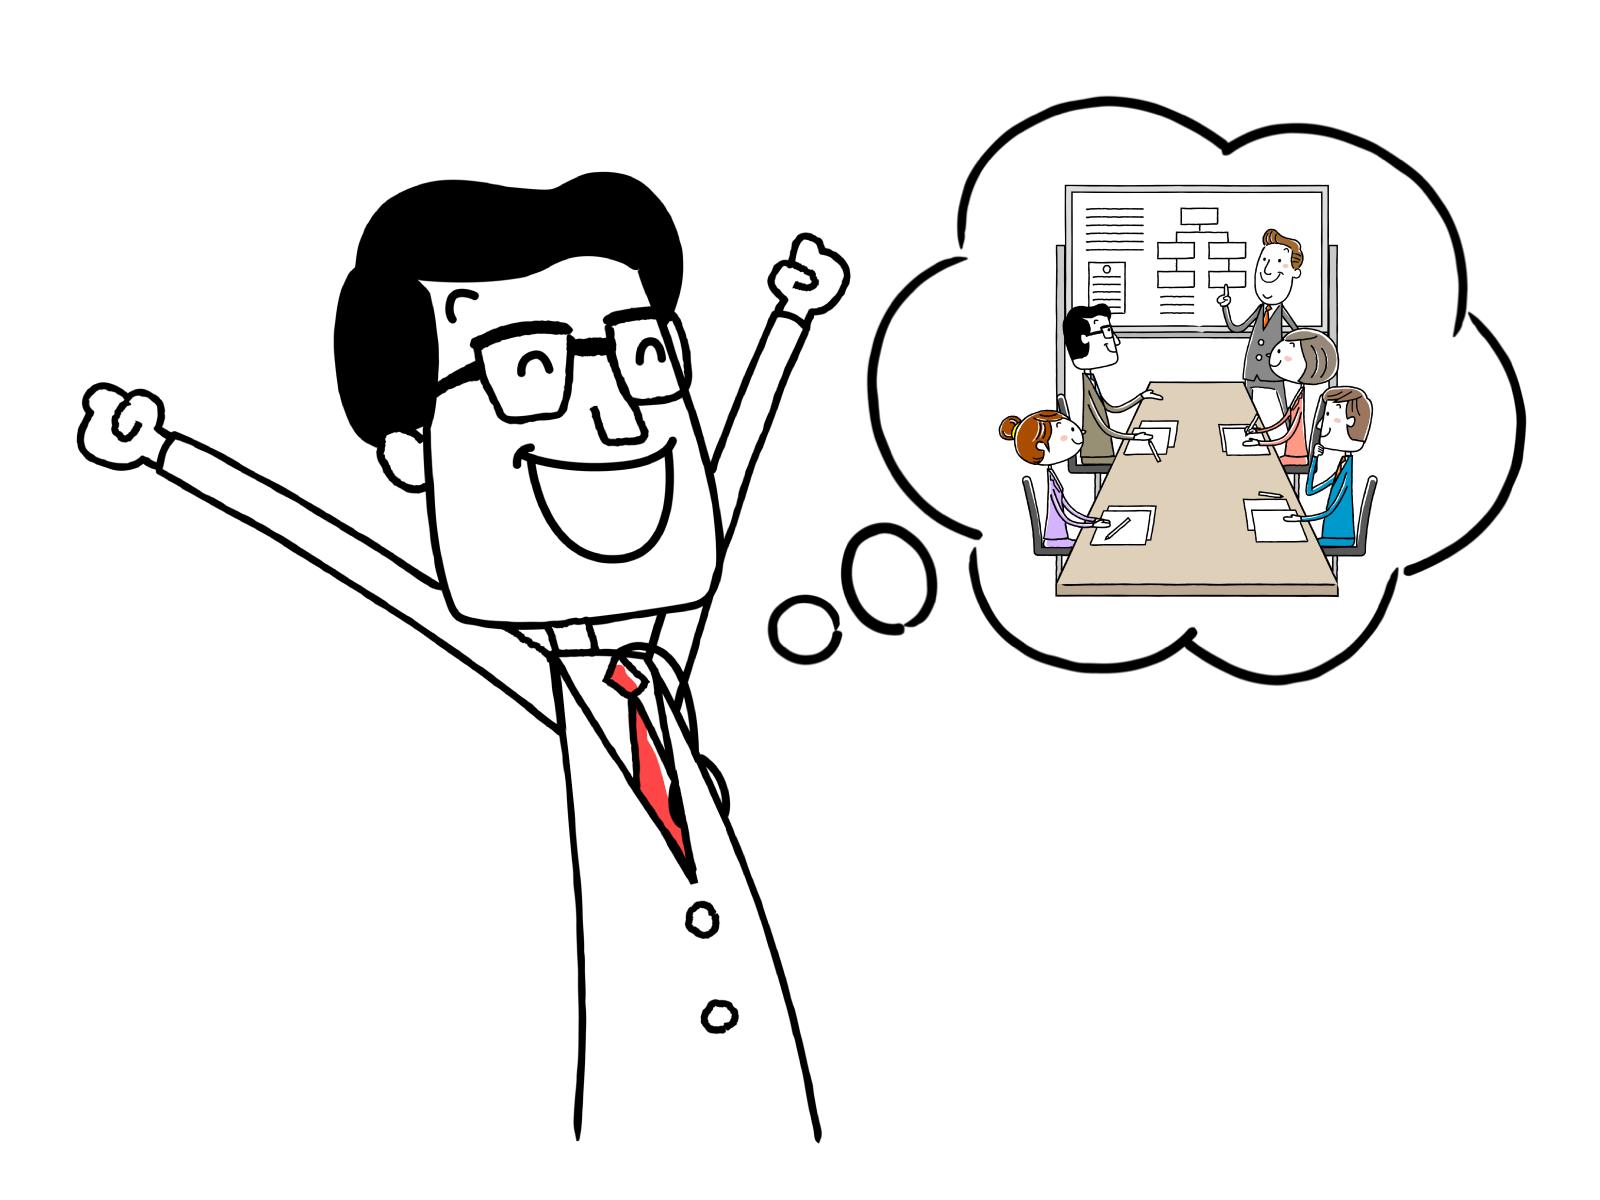 栄養士から管理栄養士へのキャリアップできるイメージイラスト